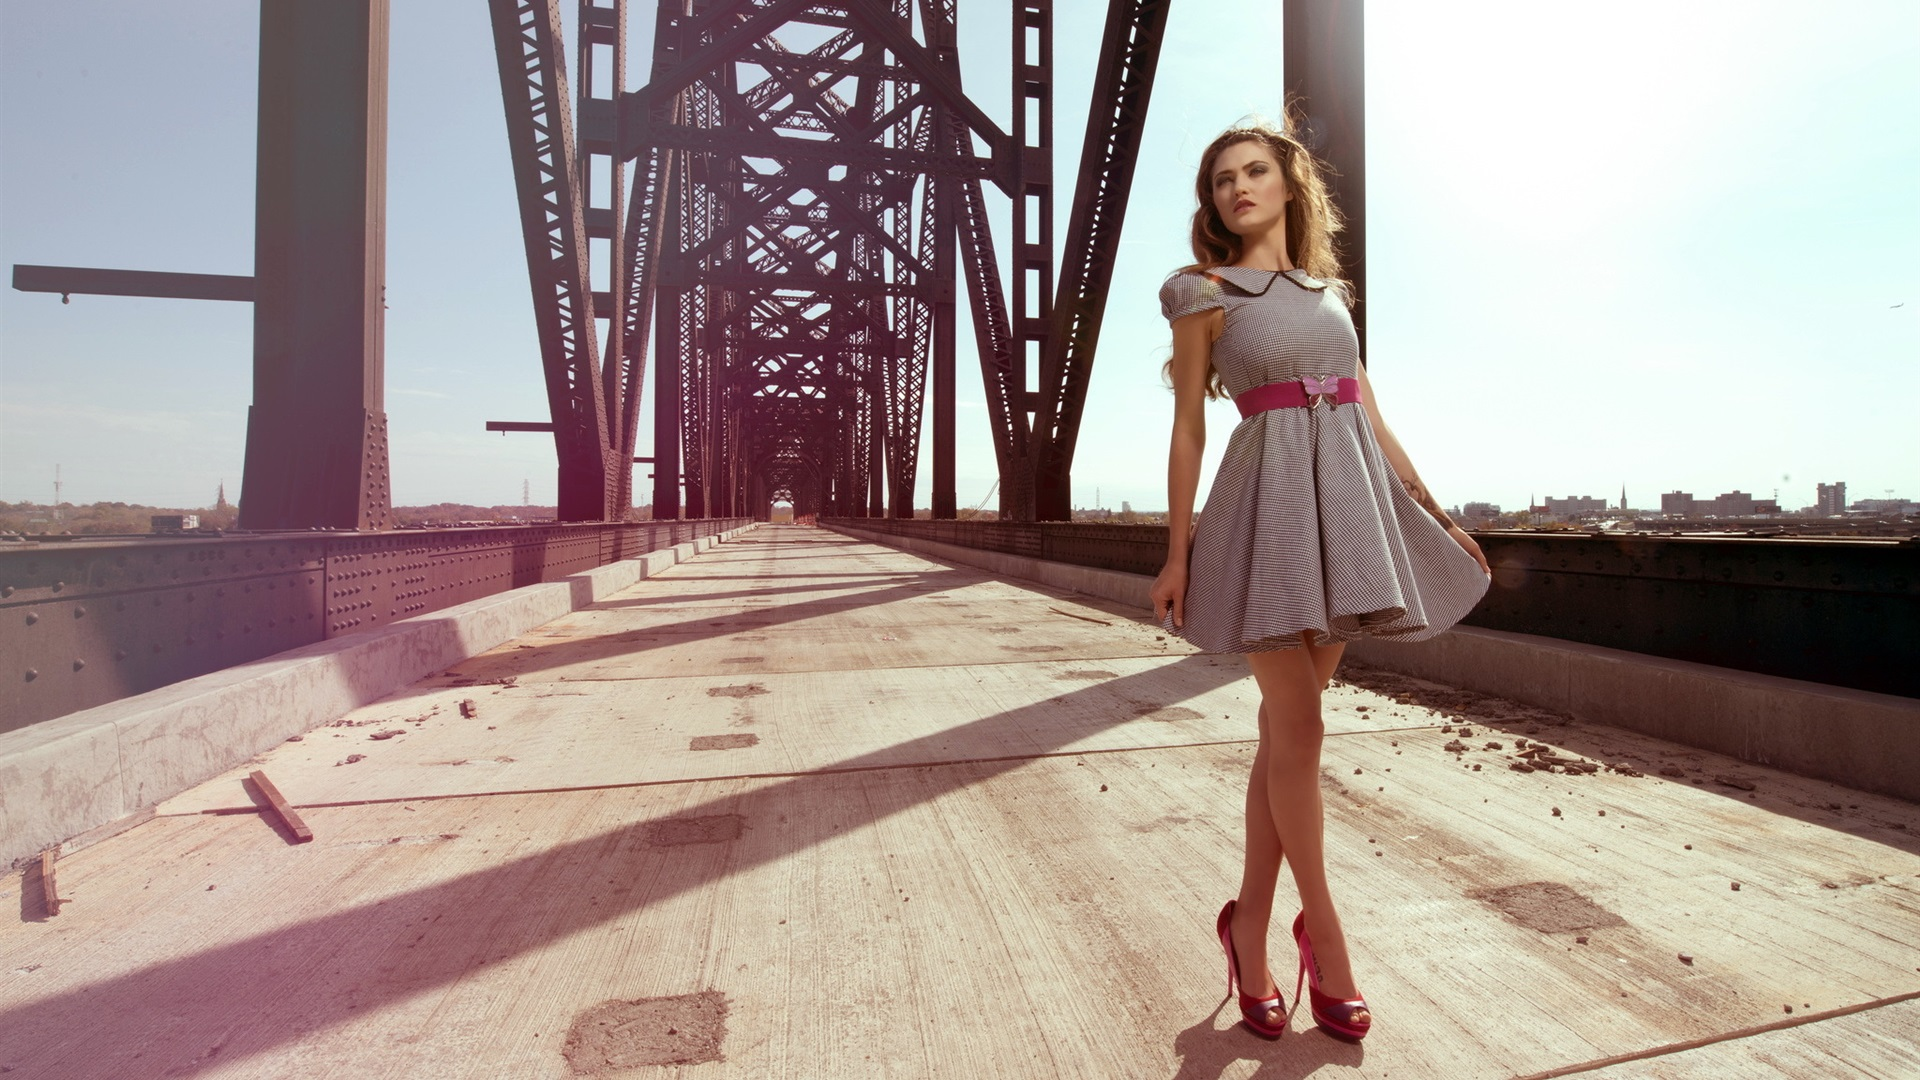 Wallpaper Summer Short Skirt Girl Bridge 1920x1200 Hd